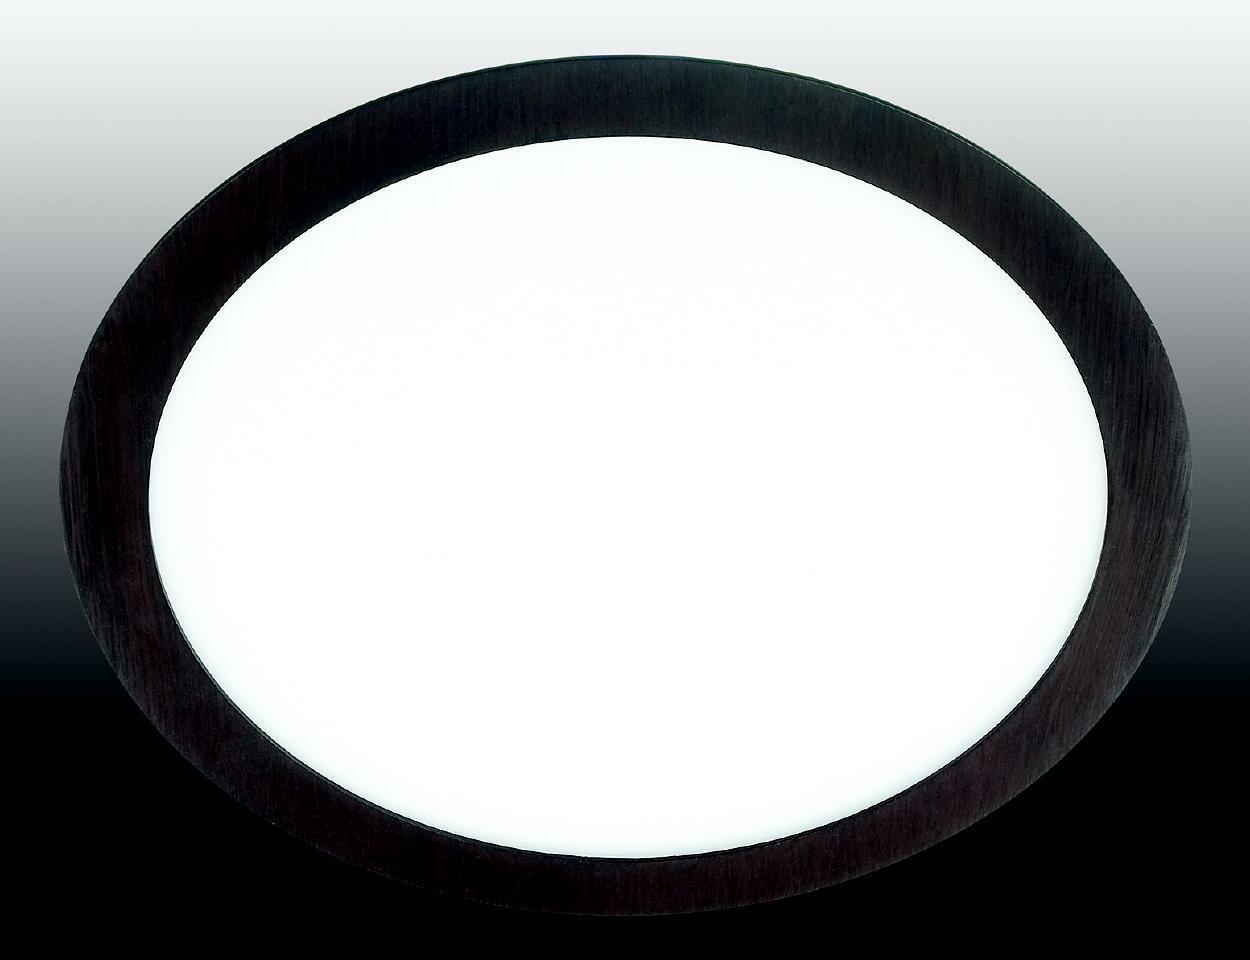 Светильник встраиваемый Novotech 357298 встраиваемый светильник novotech lante 357298